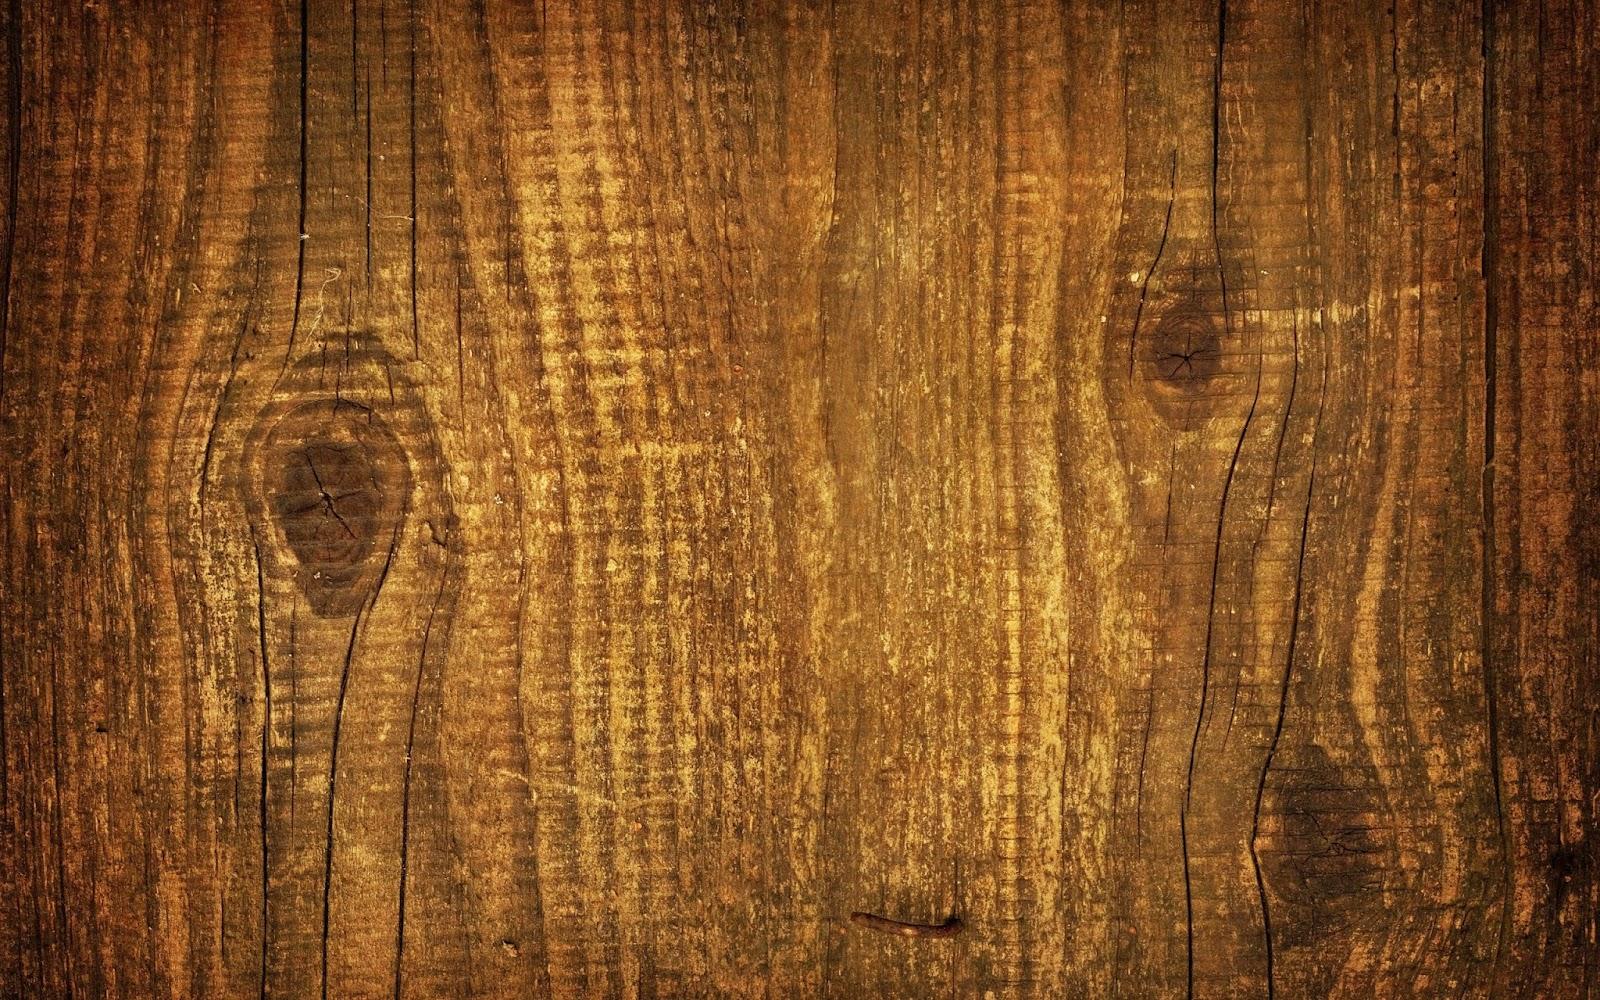 Informasi jenis kayu untuk konstruksi